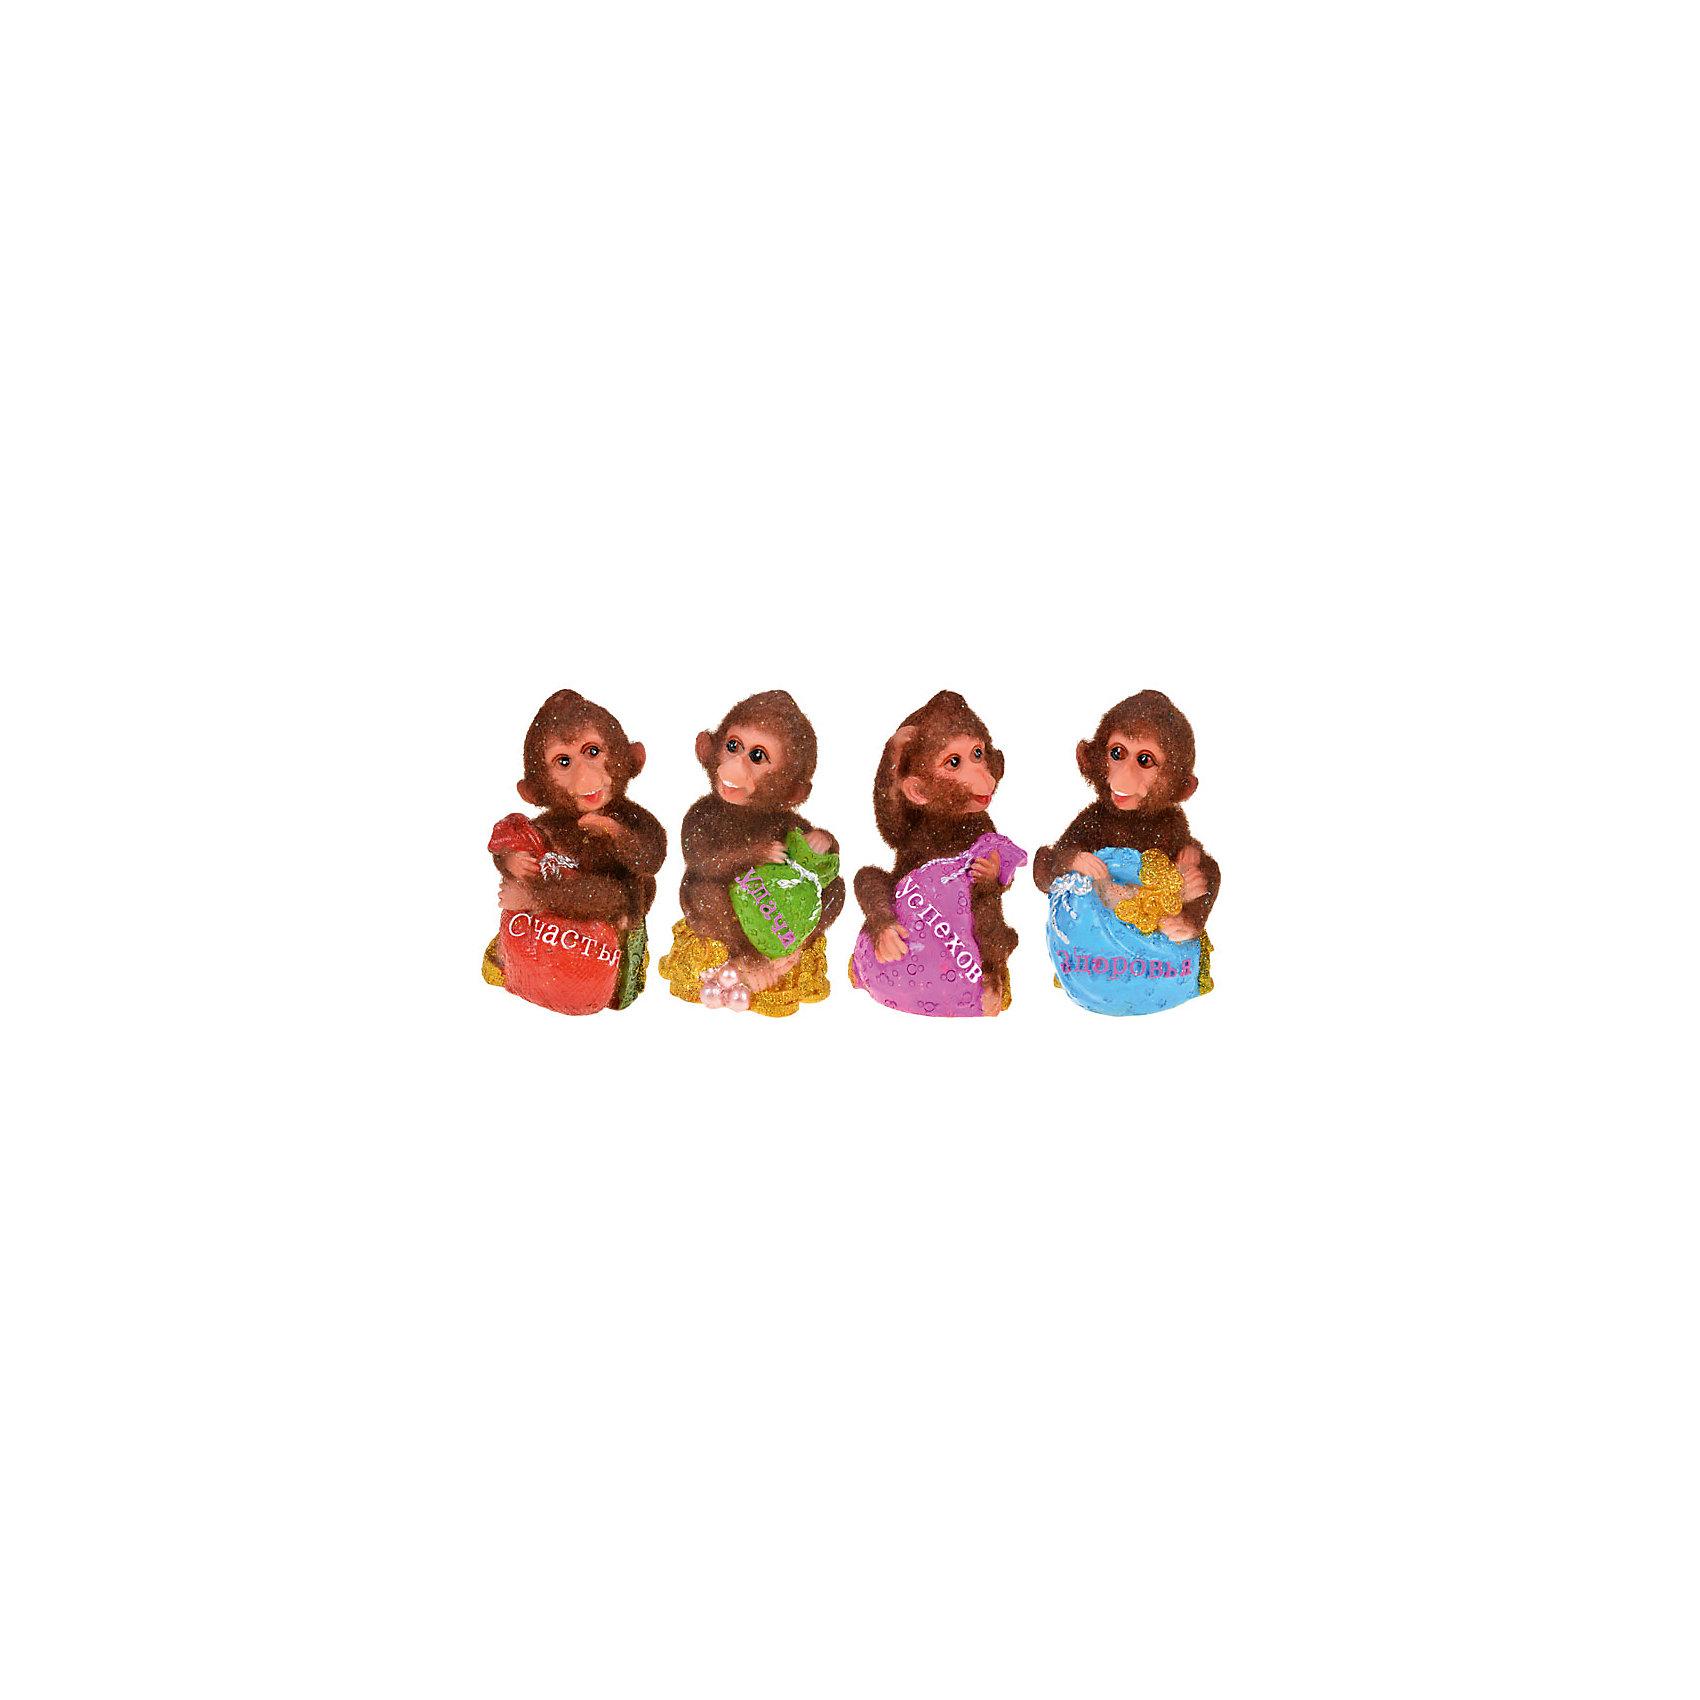 Статуэтка Пушистая обезьянка 6*6*9,5 смНовинки Новый Год<br>Декоративная статуэтка Пушистая обезьянка - прекрасный вариант для праздничного сувенира. Яркая статуэтка в виде символа года будет актуальным подарком абсолютно для каждого!   <br><br>Дополнительная информация:<br><br>- Материал: полистоун.<br>- Размер: 6х6х9,5 см.<br>- 4 фигурки в ассортименте.<br>ВНИМАНИЕ! Данный артикул представлен в разных вариантах исполнения. К сожалению, заранее выбрать определенный вариант невозможно. При заказе нескольких статуэток возможно получение одинаковых.<br><br>Статуэтку Пушистая обезьянка 6х6х9,5 см, можно купить в нашем магазине.<br><br>Ширина мм: 60<br>Глубина мм: 60<br>Высота мм: 950<br>Вес г: 250<br>Возраст от месяцев: 36<br>Возраст до месяцев: 2147483647<br>Пол: Унисекс<br>Возраст: Детский<br>SKU: 4293041